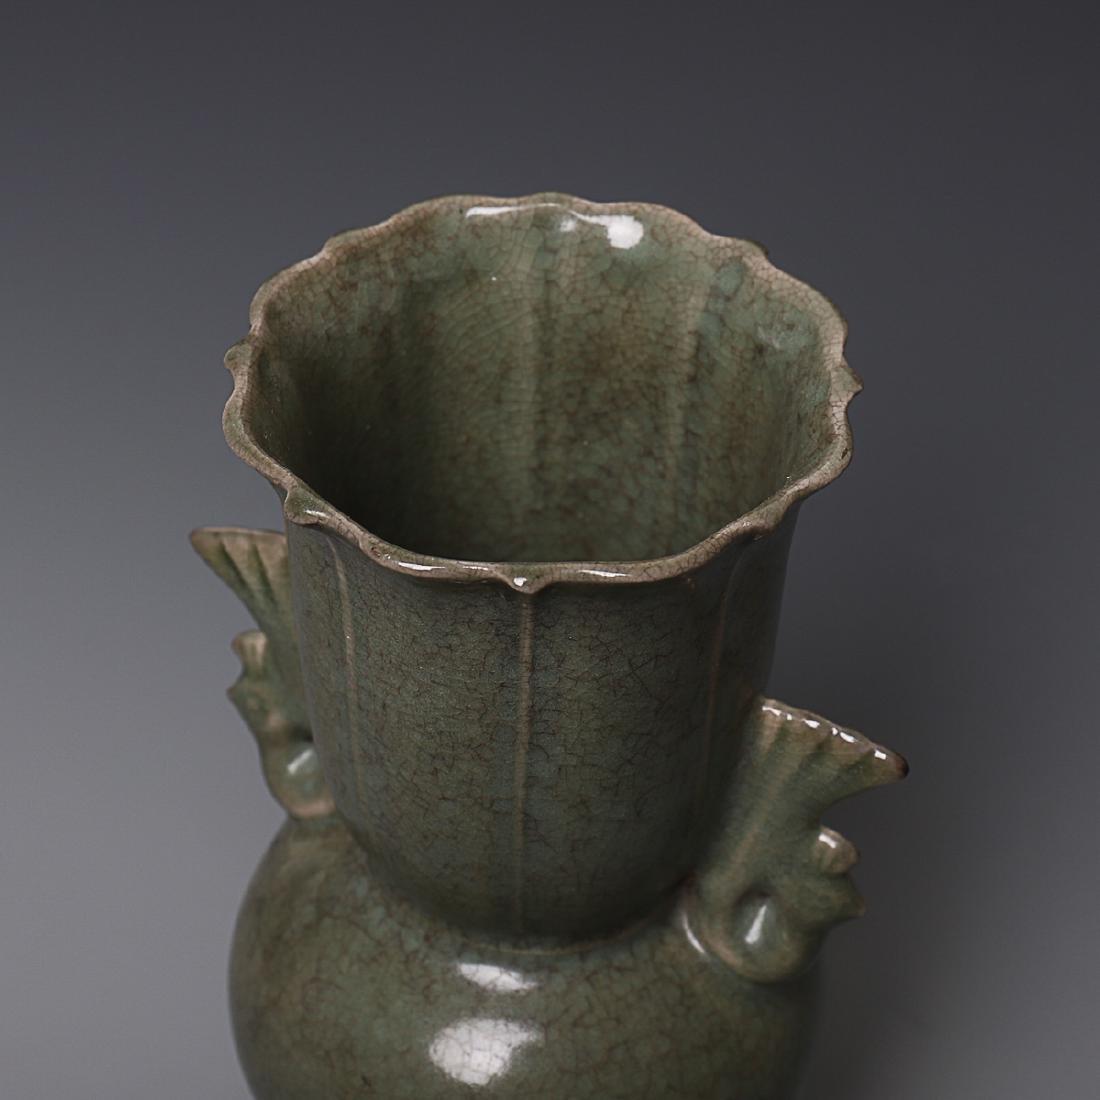 Vintage Chinese Porcelain pot  Vase - 8